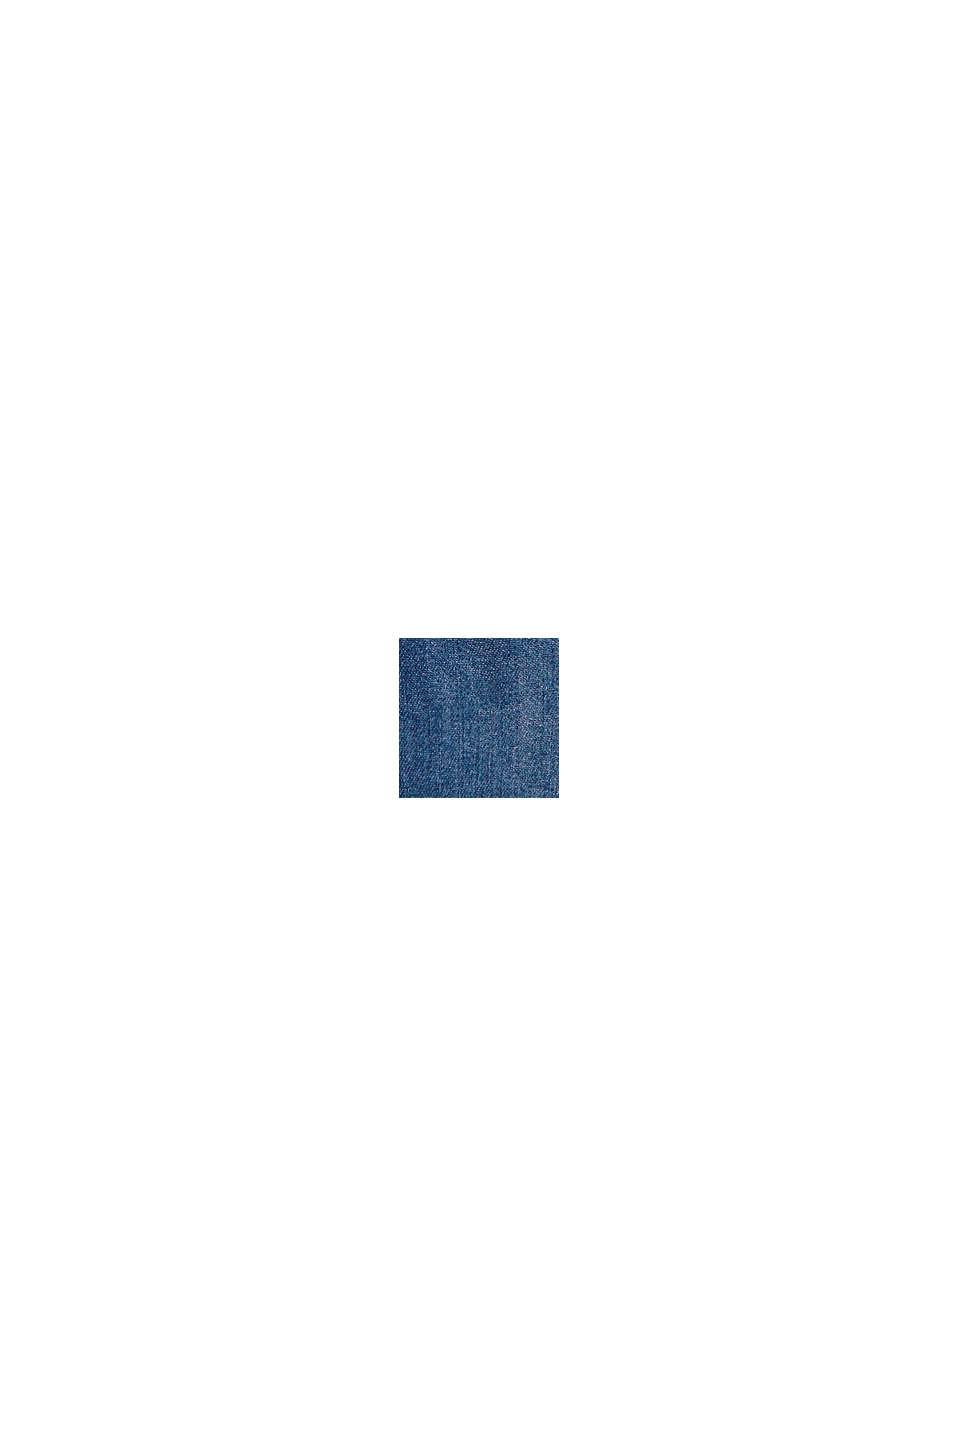 Vaqueros cortos con cintura elástica estilo paper bag, BLUE MEDIUM WASHED, swatch